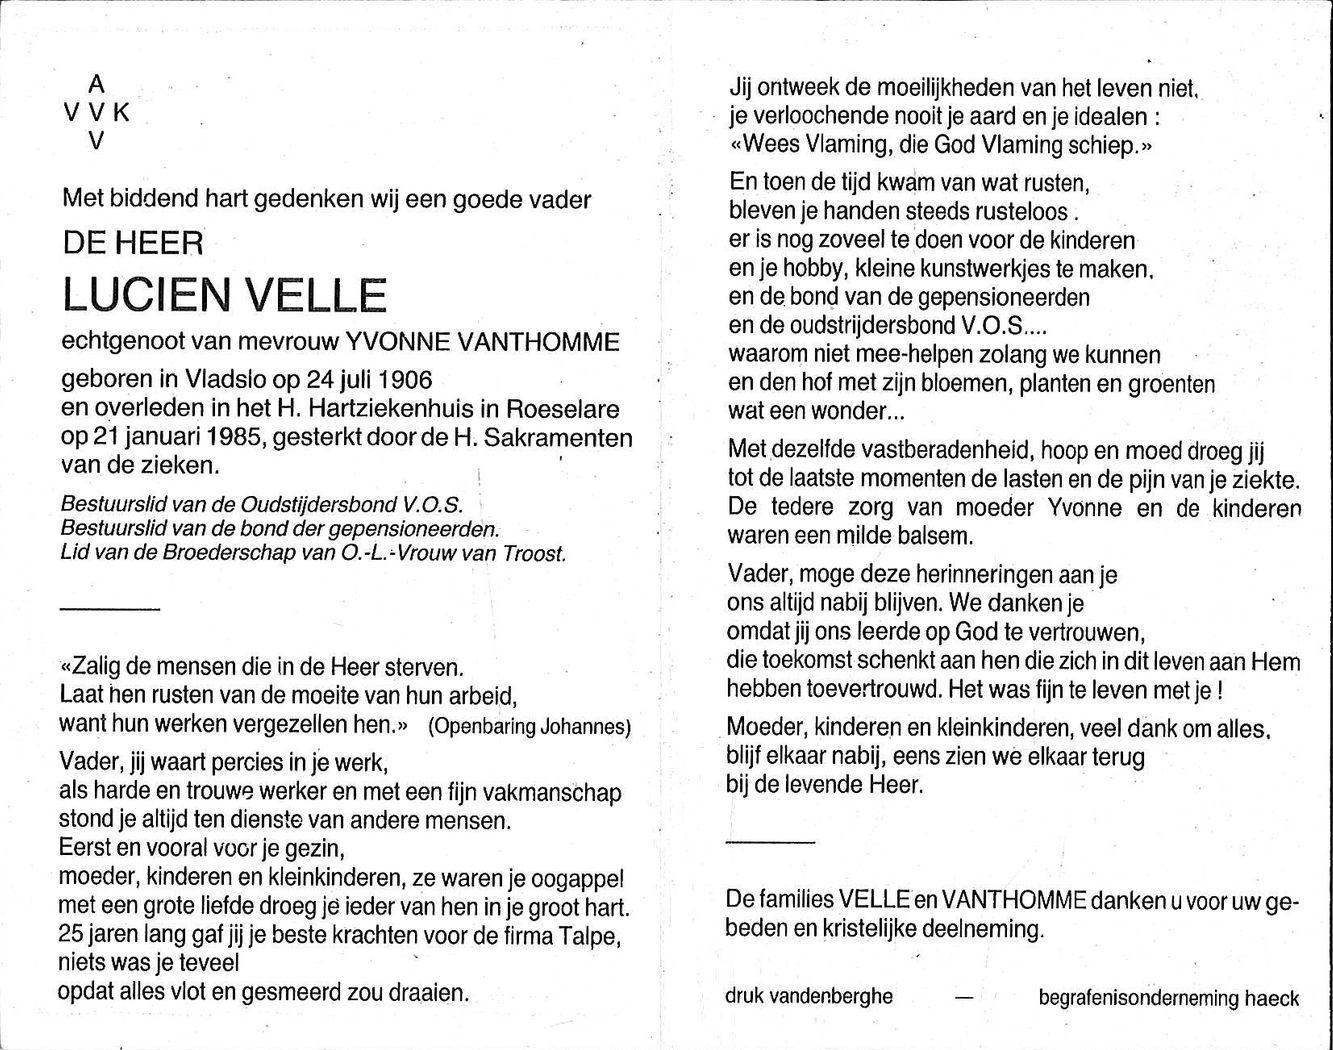 Lucien Velle